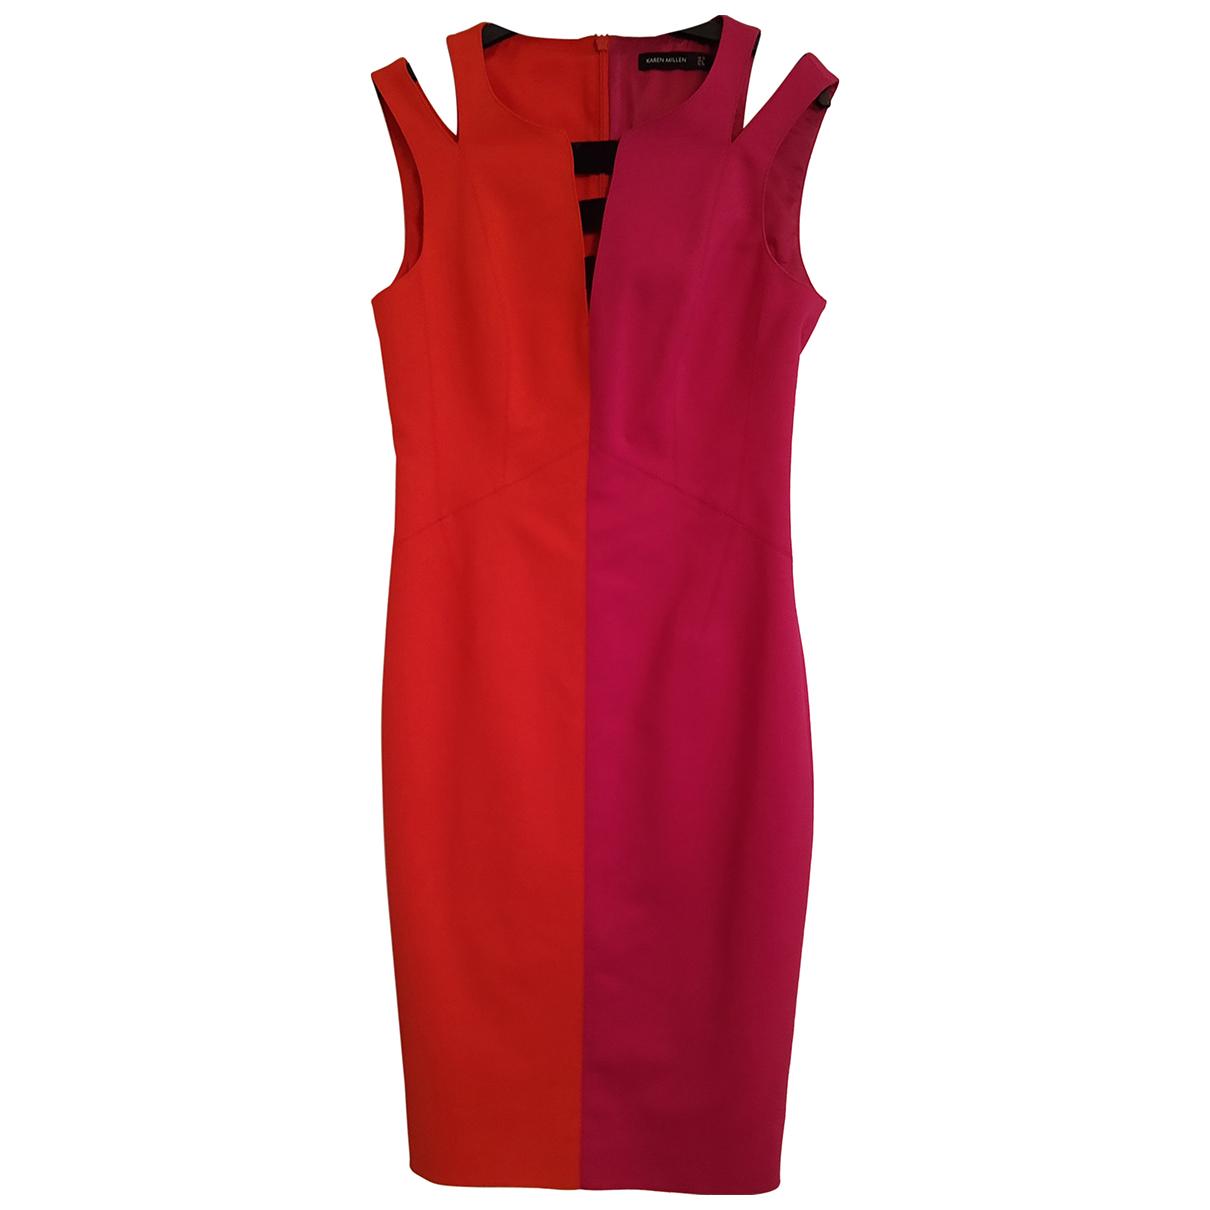 Karen Millen \N Kleid in  Bunt Baumwolle - Elasthan